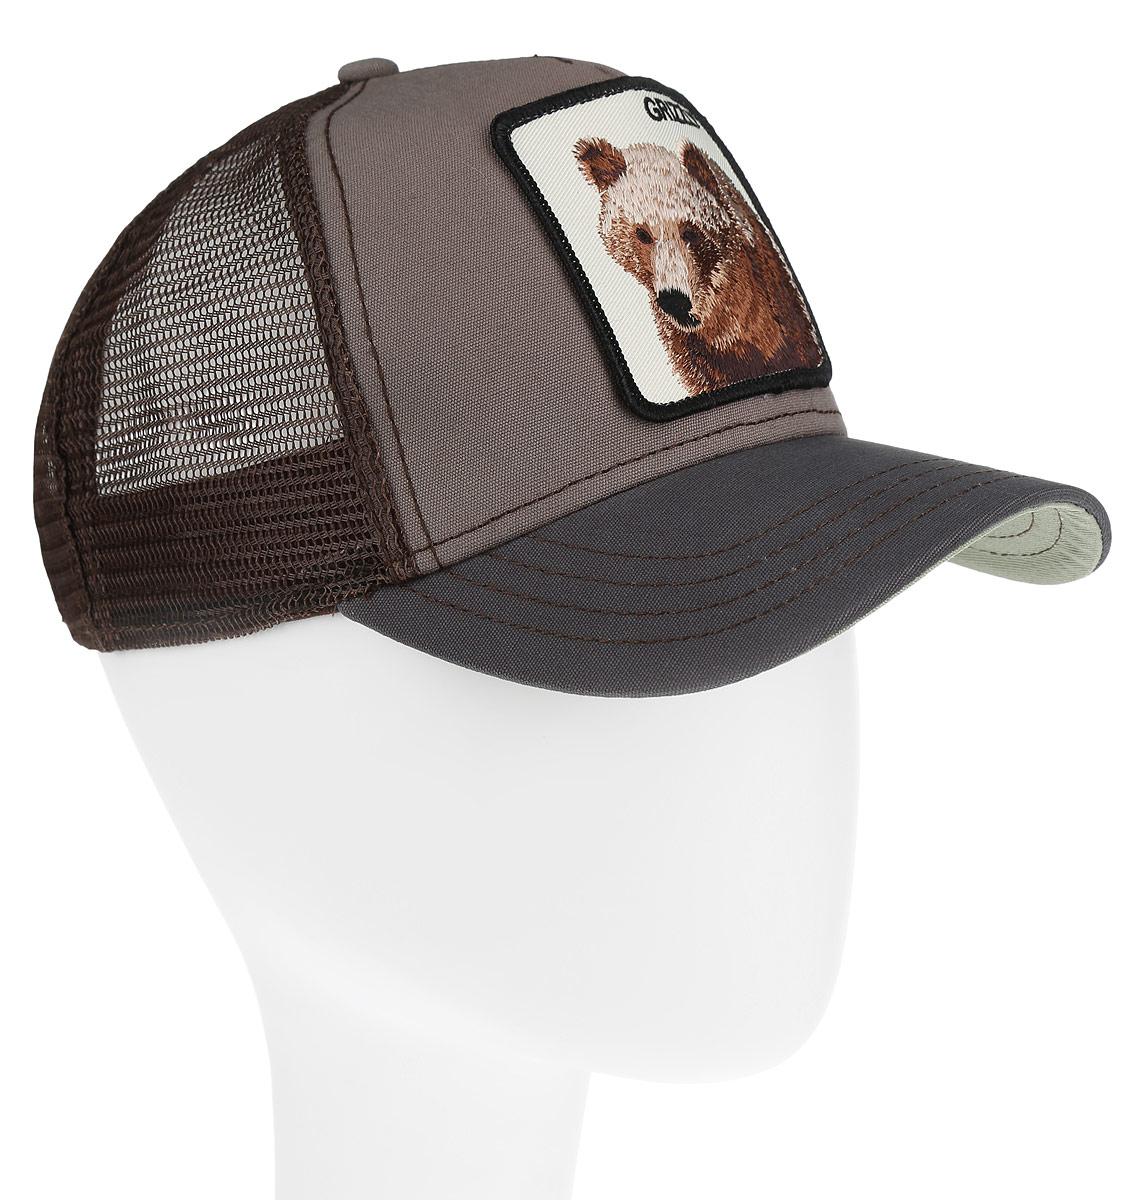 Бейсболка Goorin Brothers, цвет: серый, темно-коричневый. 91-062-03-00. Размер универсальный91-062-03-00Стильная бейсболка Goorin Brothers, выполненная из высококачественных материалов, идеально подойдет для прогулок, занятия спортом и отдыха. Она надежно защитит вас от солнца и ветра. Классическая кепка с сетчатой задней частью станет правильным выбором. Изделие оформлено нашивкой с изображением бурого медведя и надписью Grizzly. Объем бейсболки регулируется пластиковым фиксатором.Ничто не говорит о настоящем любителе путешествий больше, чем любимая кепка. Эта модель станет отличным аксессуаром и дополнит ваш повседневный образ.